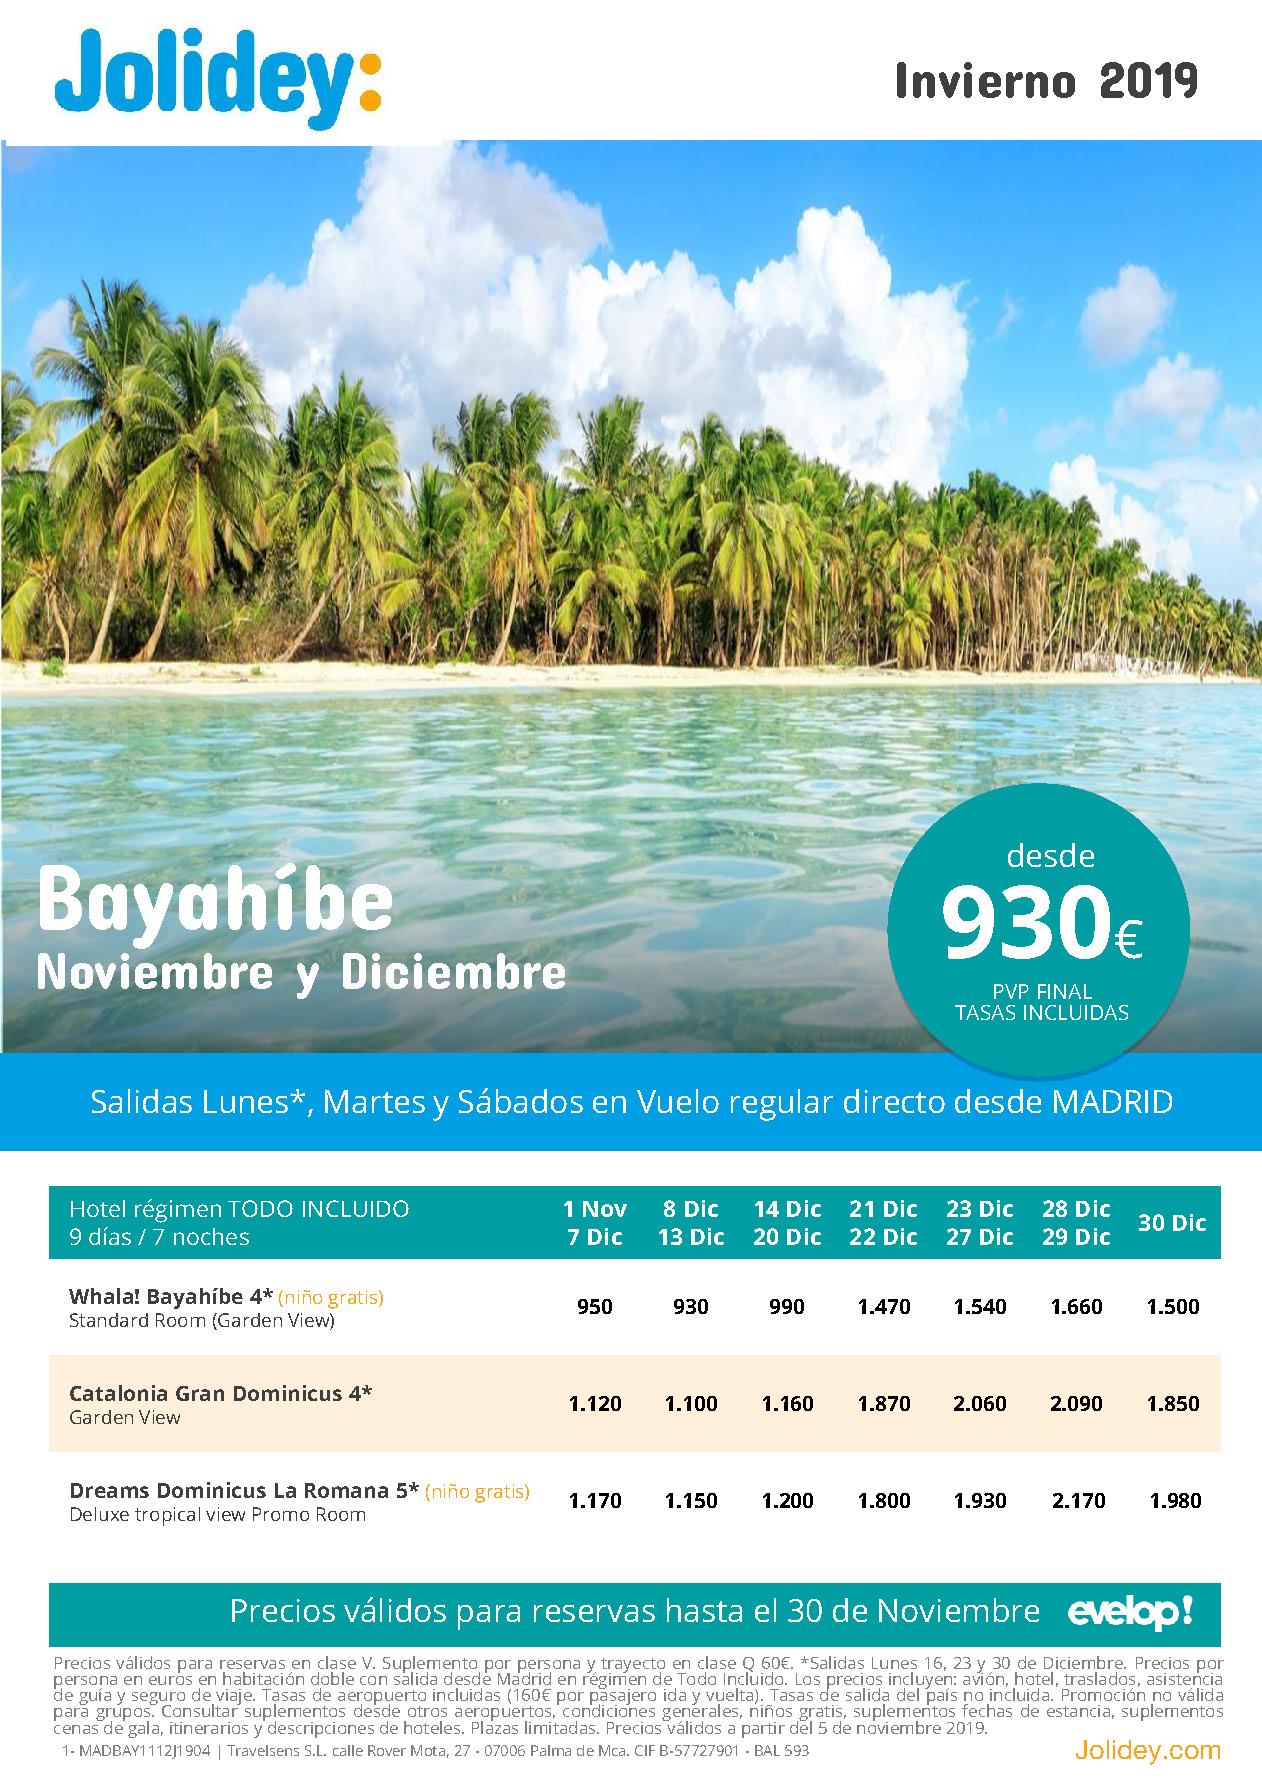 Ofertas Jolidey Vacaciones en Bayahibe Noviembre Diciembre 2019